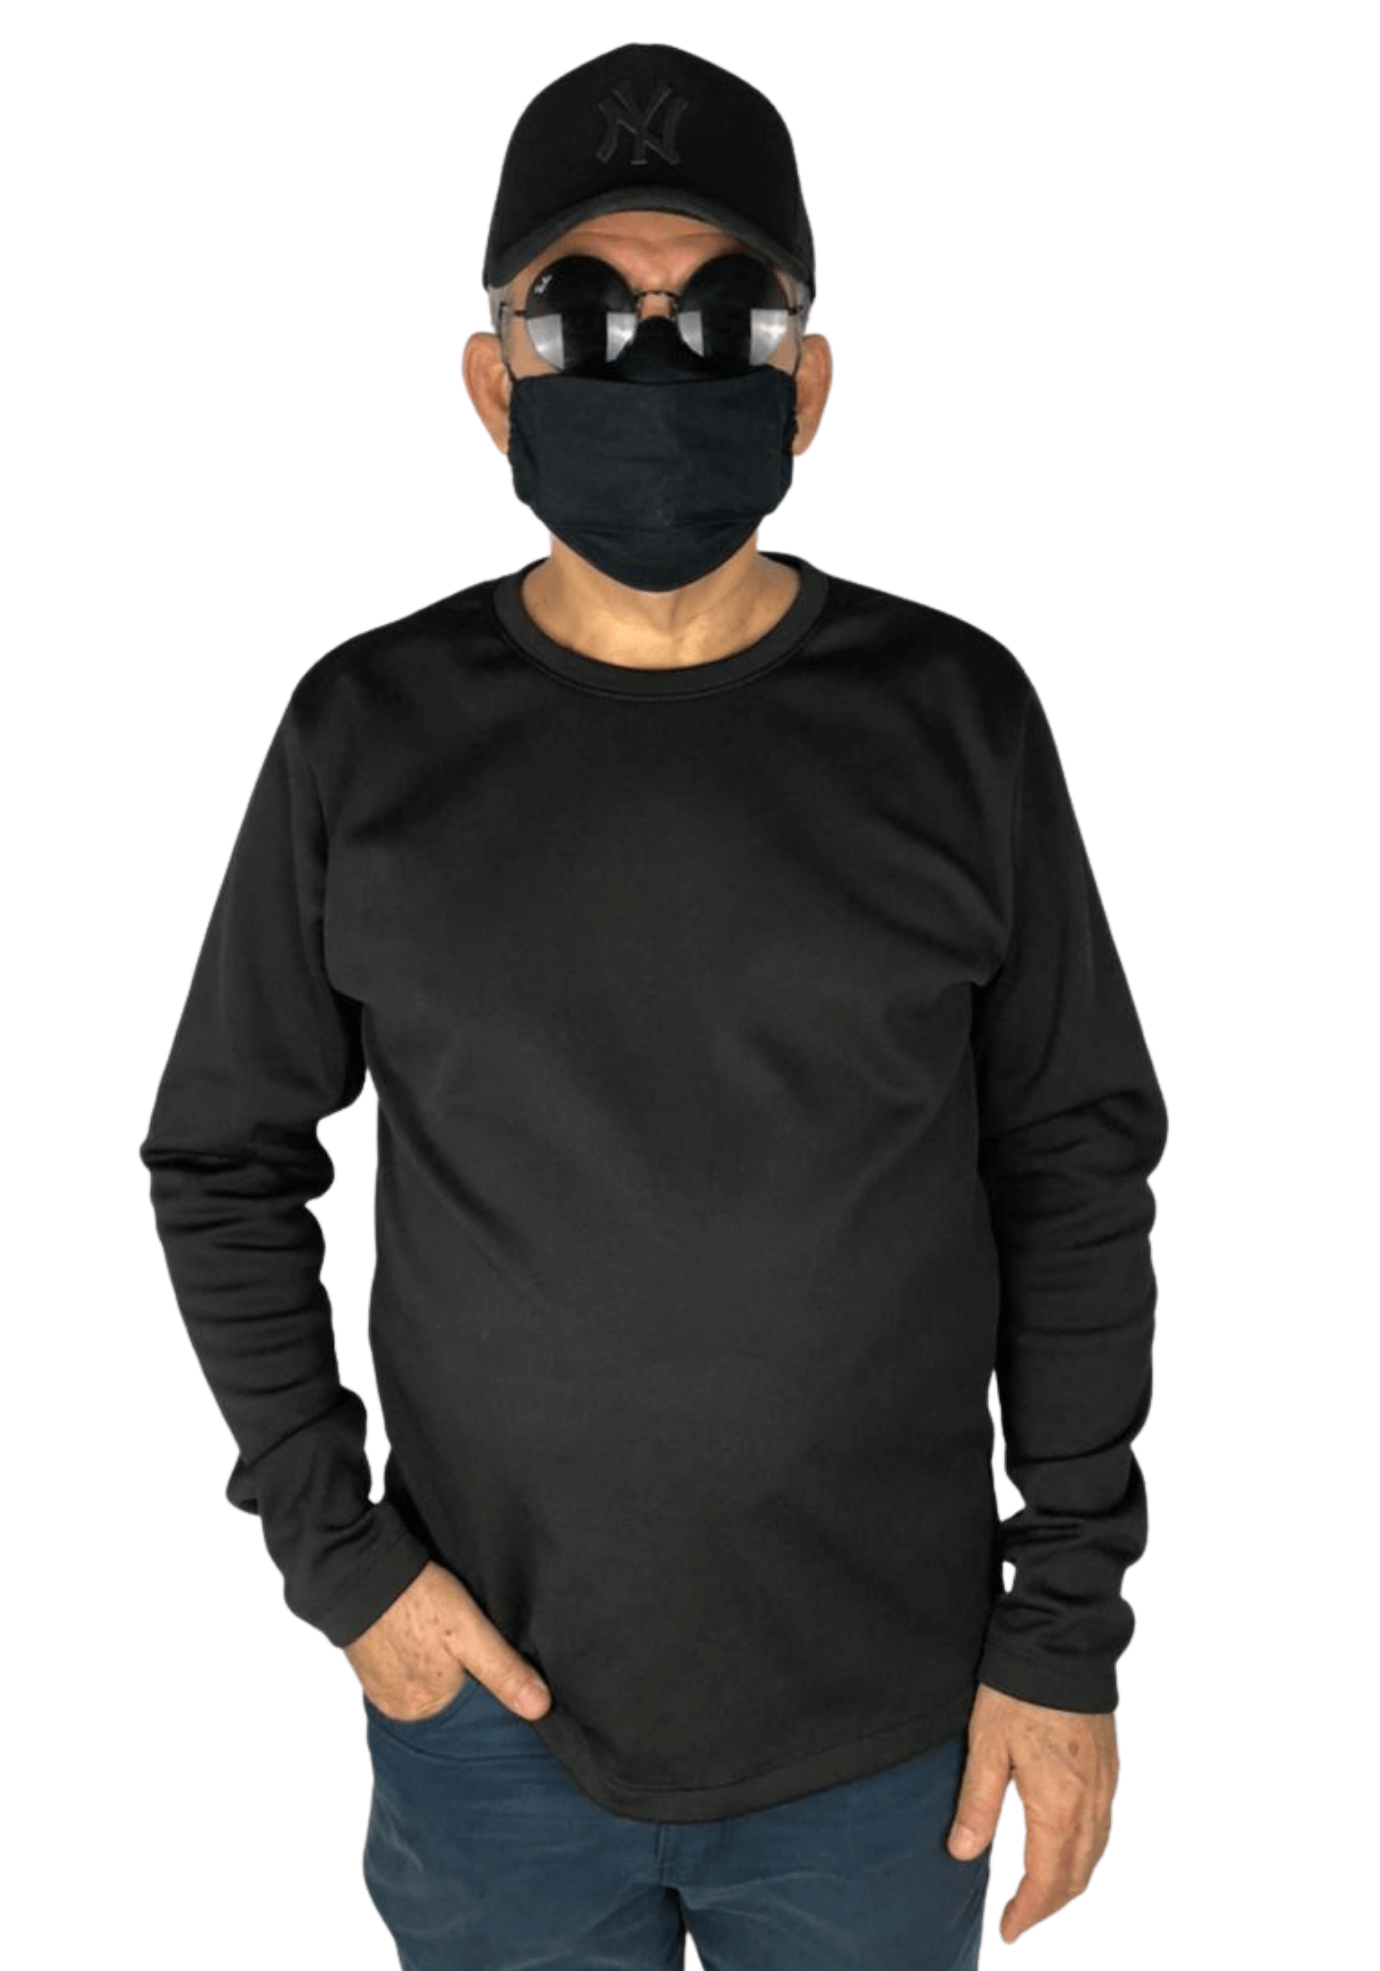 Agasalho de Moletom Flanelado - Blusão XPlusSize